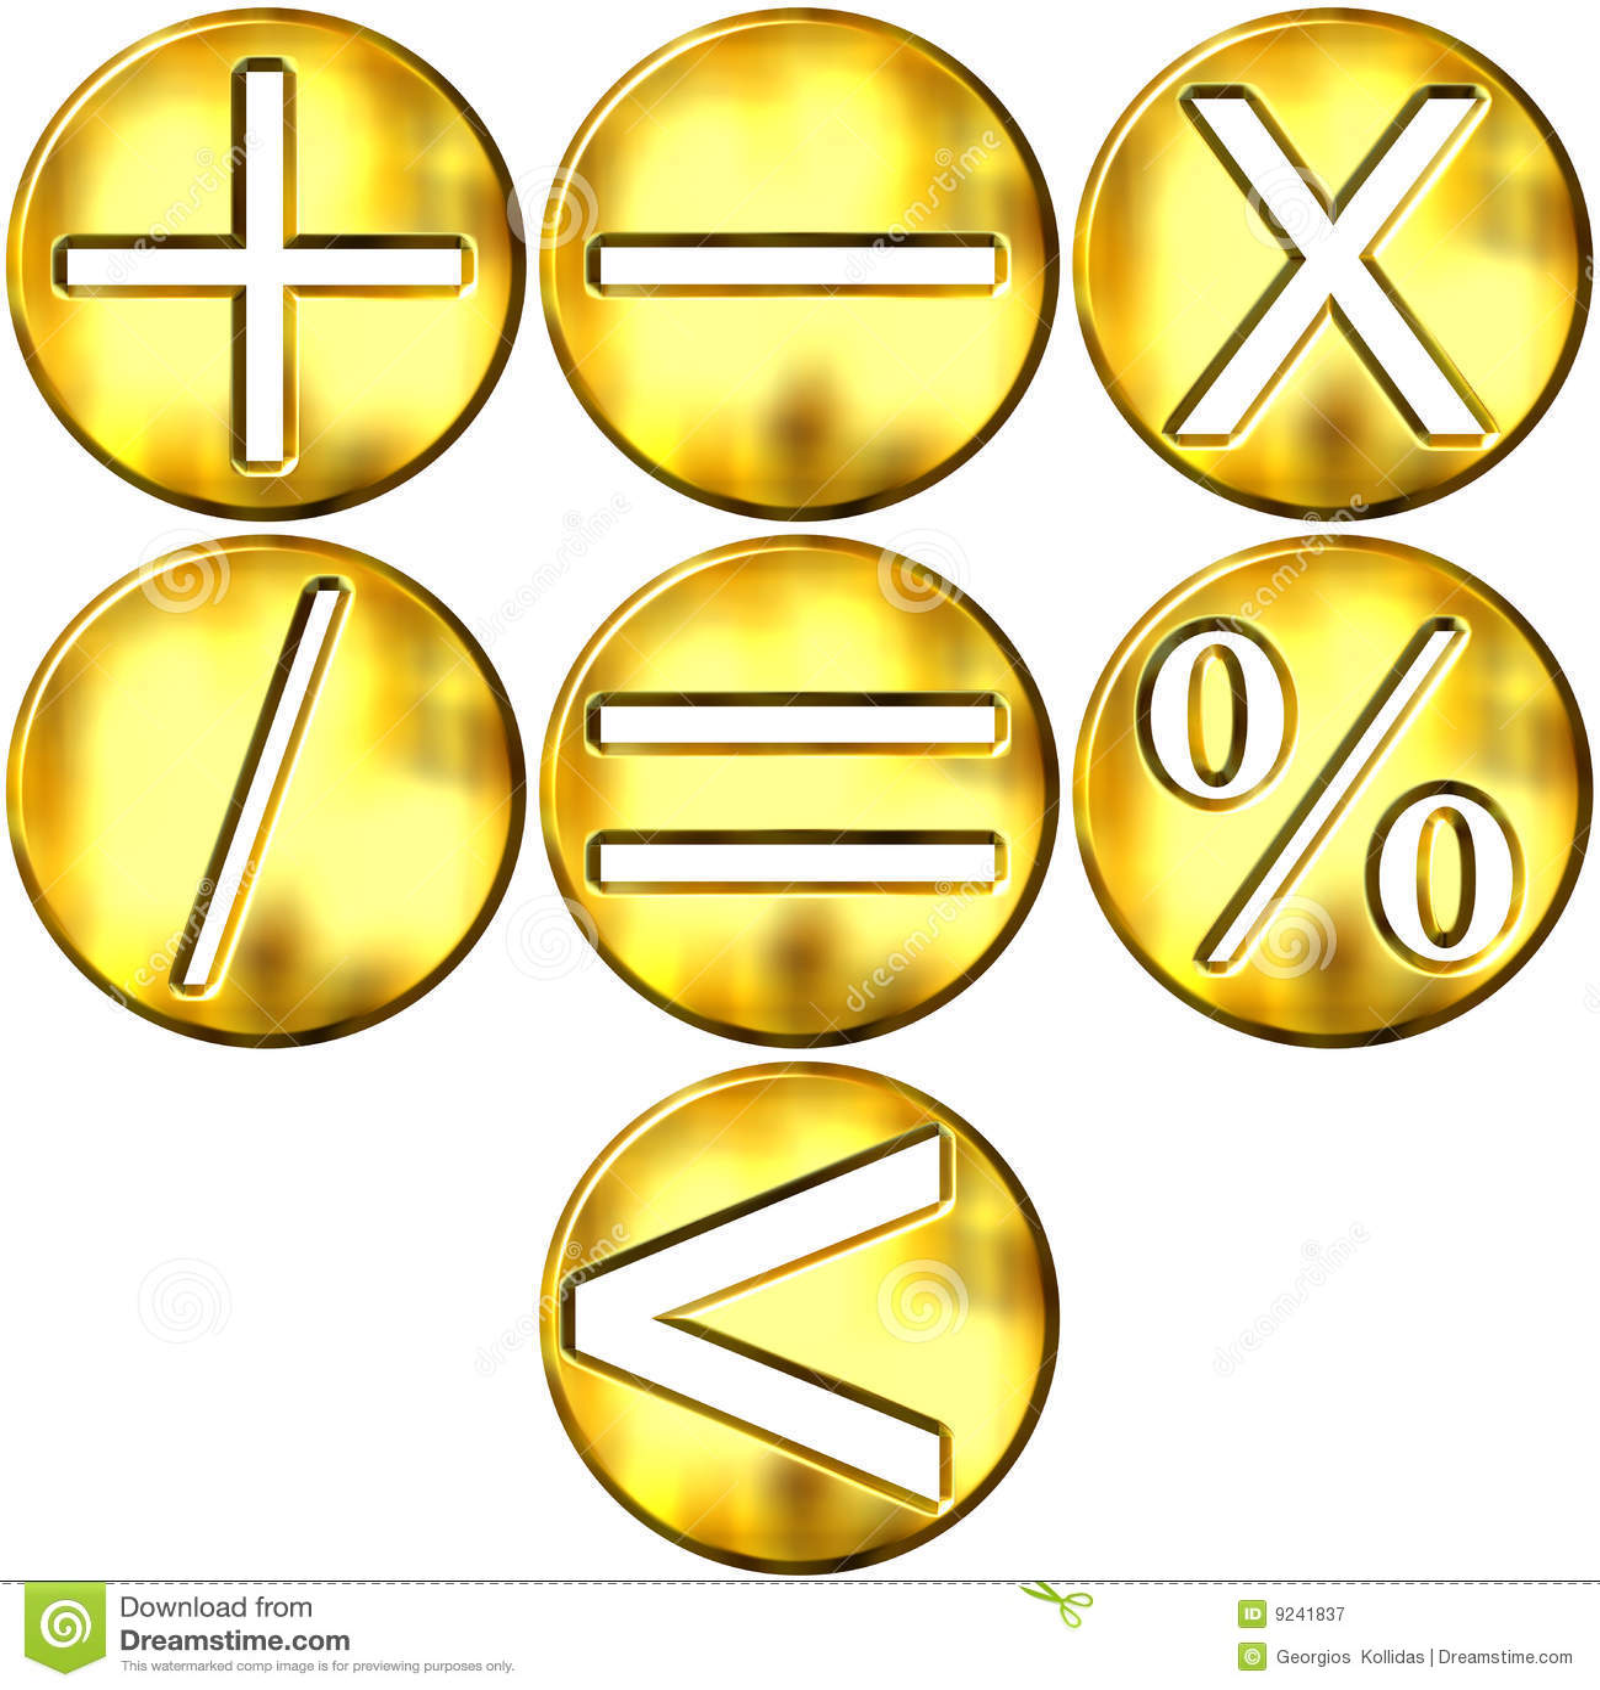 3d Golden Math Symbols Stock Illustration Illustration Of Divide